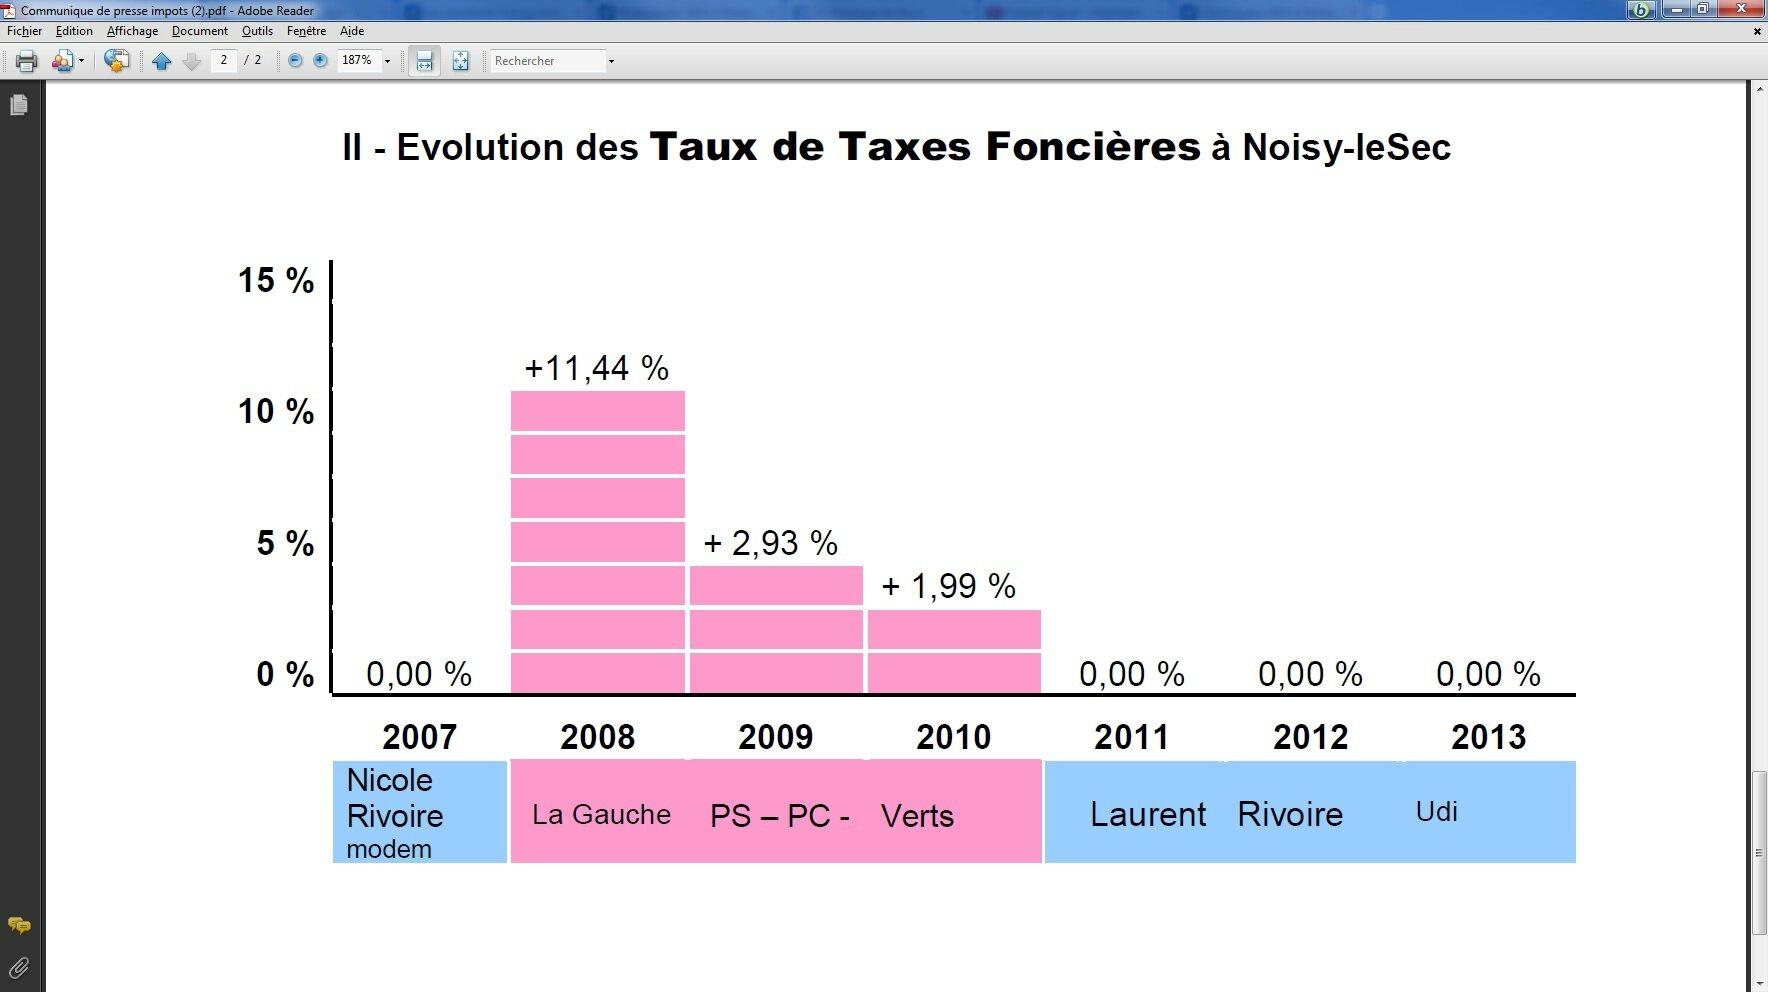 Evolution taxe foncière noisy-le-Sec 2008 2013